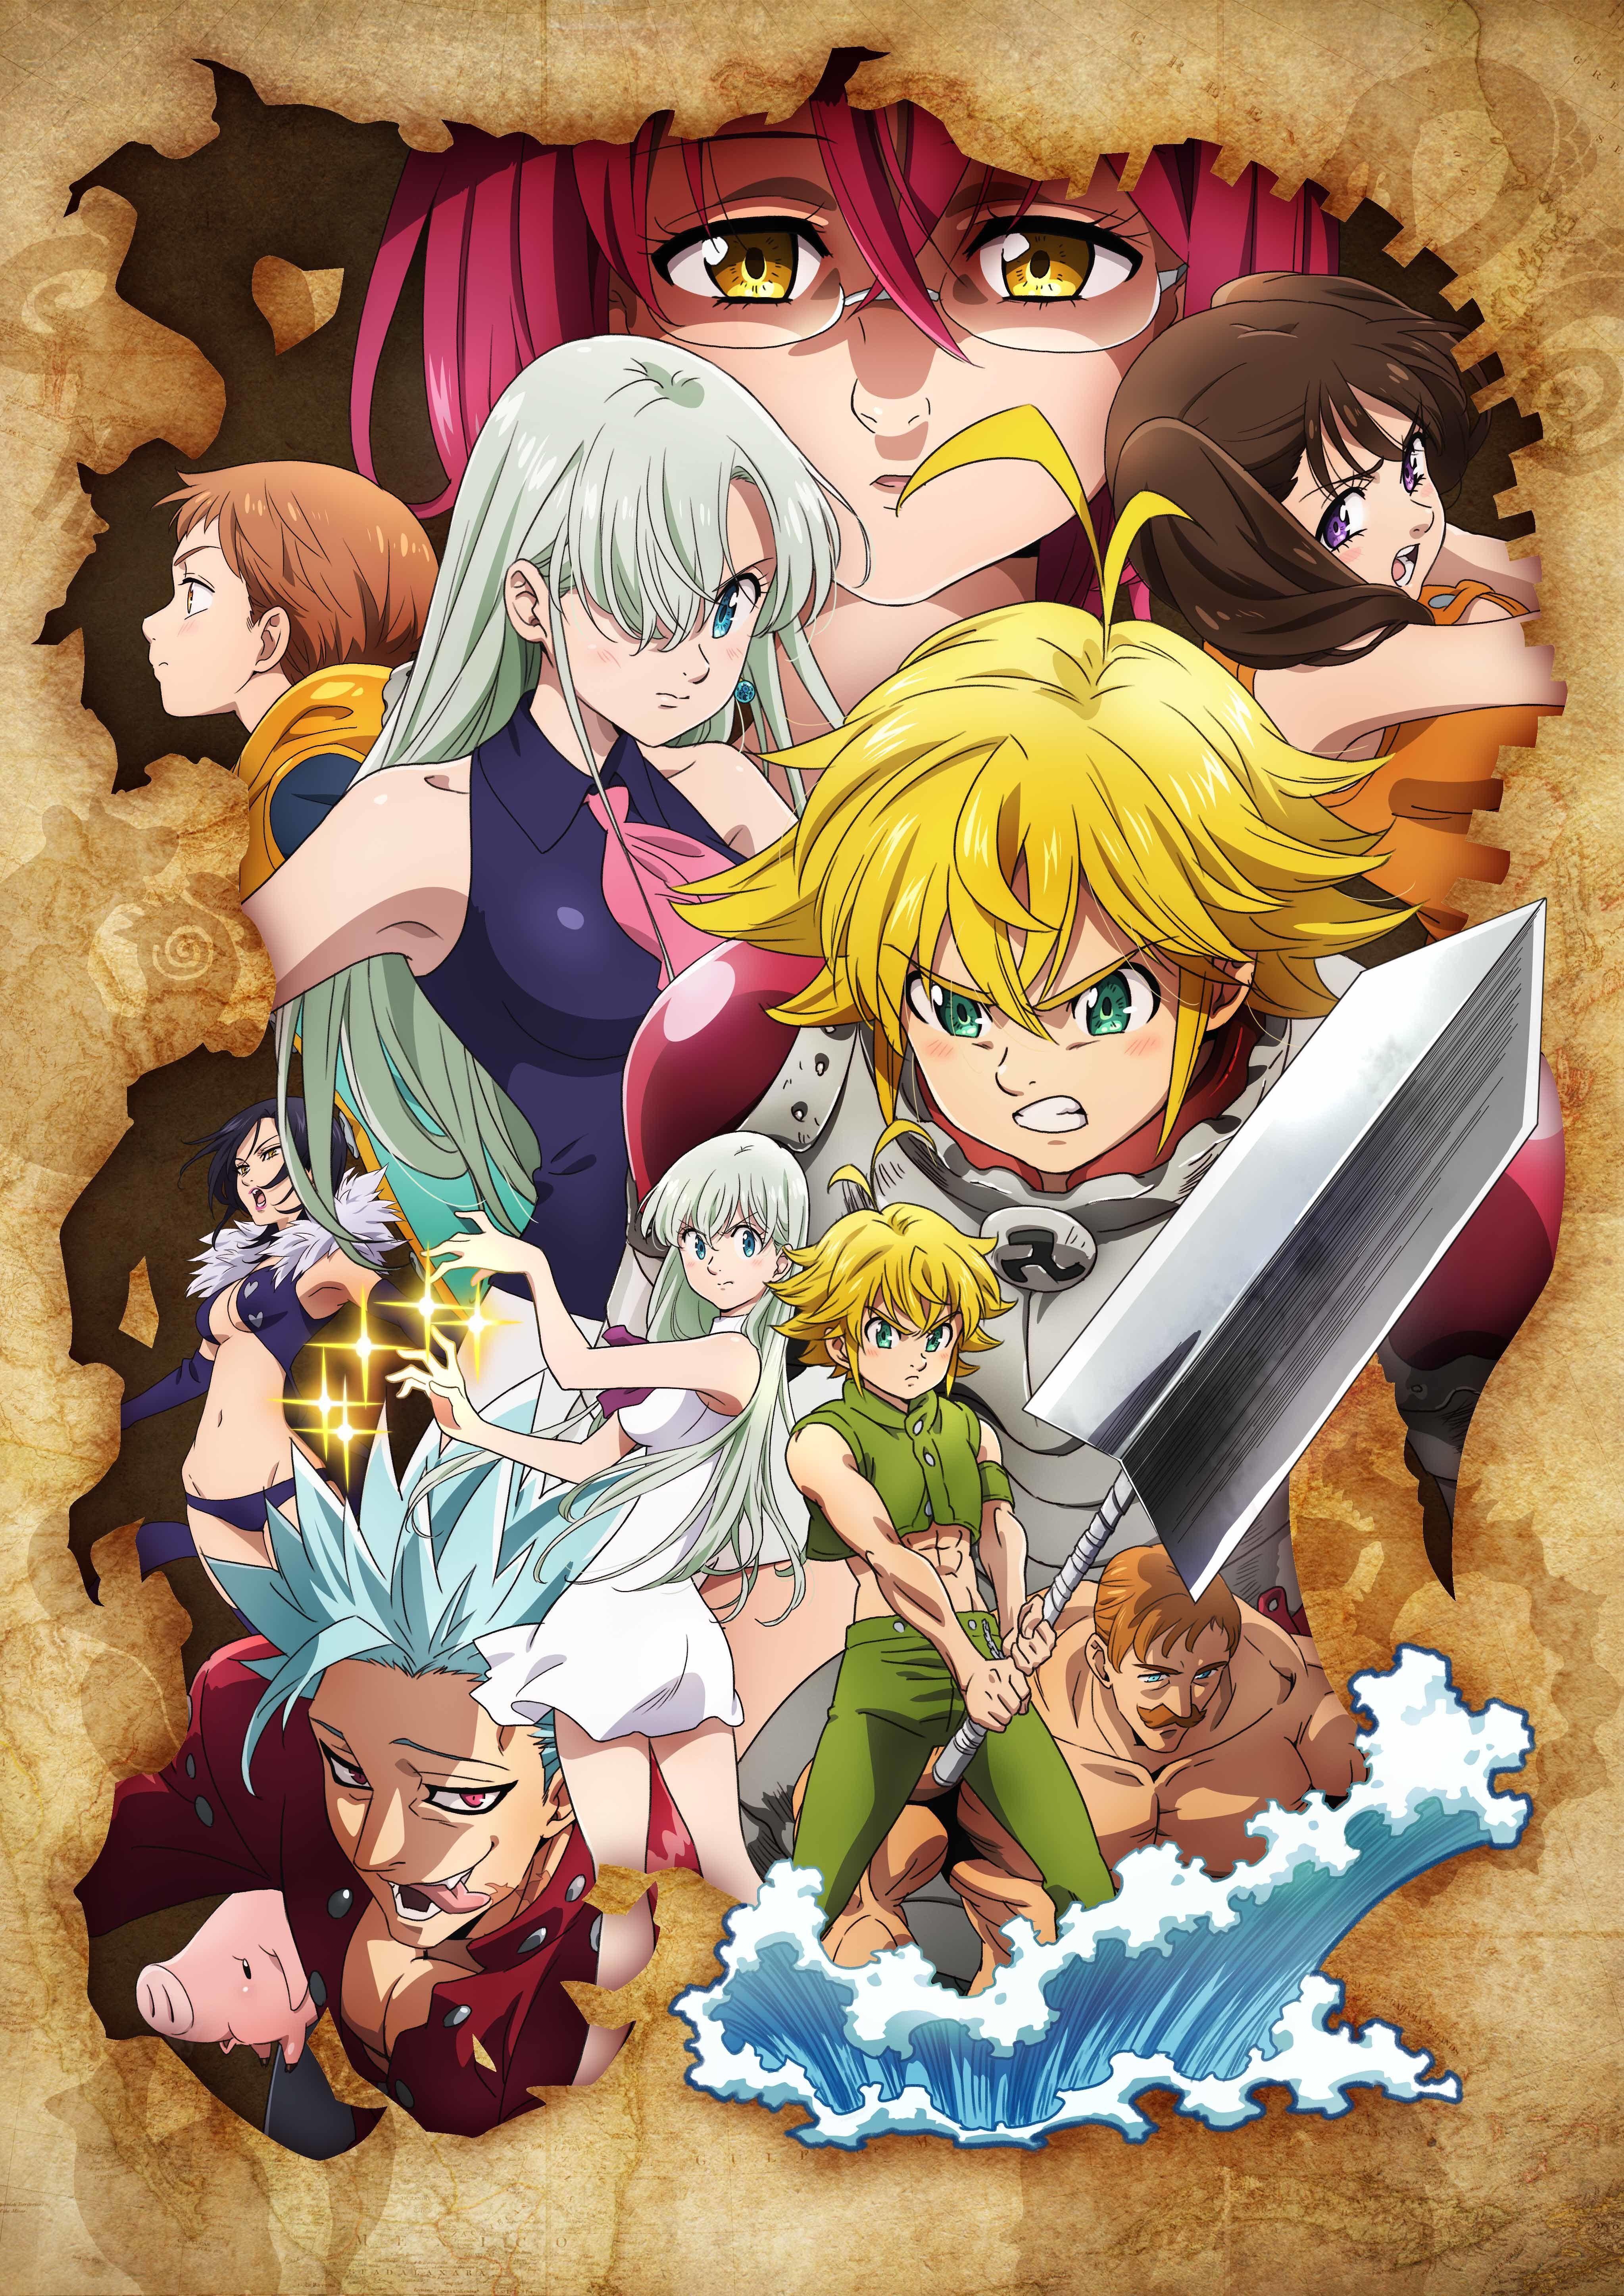 Pin de Nathan J. Nazario em Ney Seven deadly sins anime